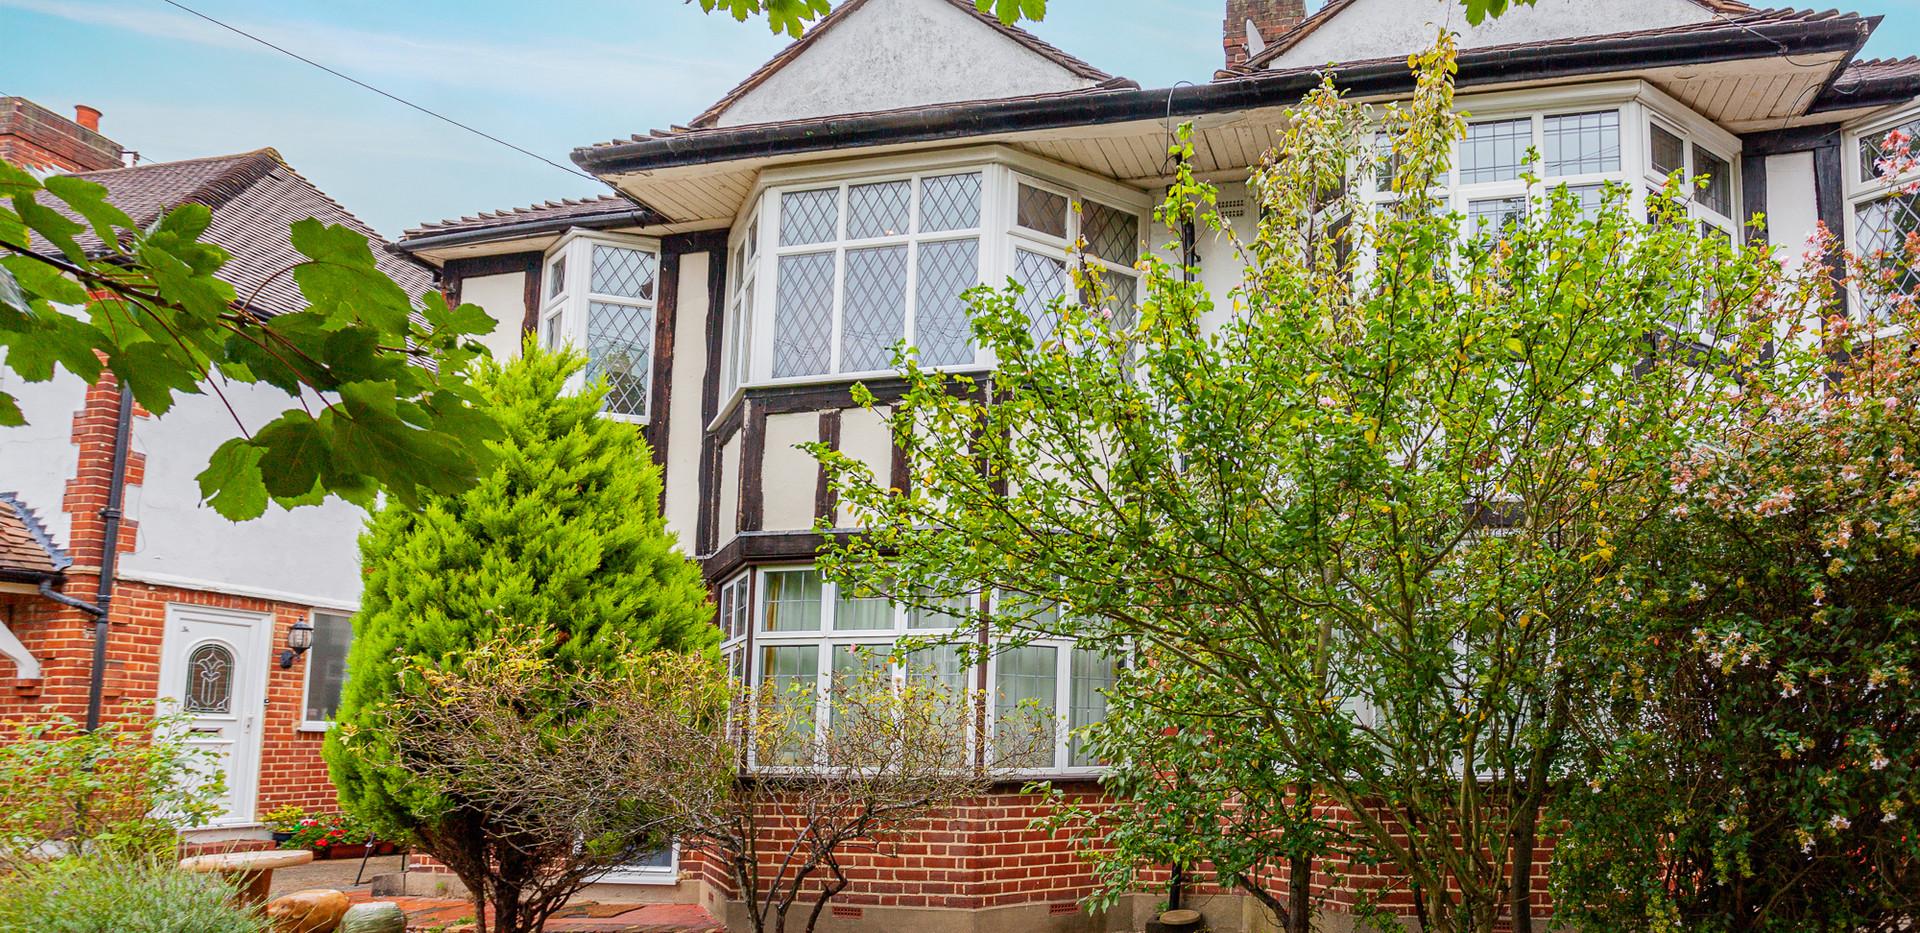 Aboyne-Drive-London-maisonette-IMG_9511.